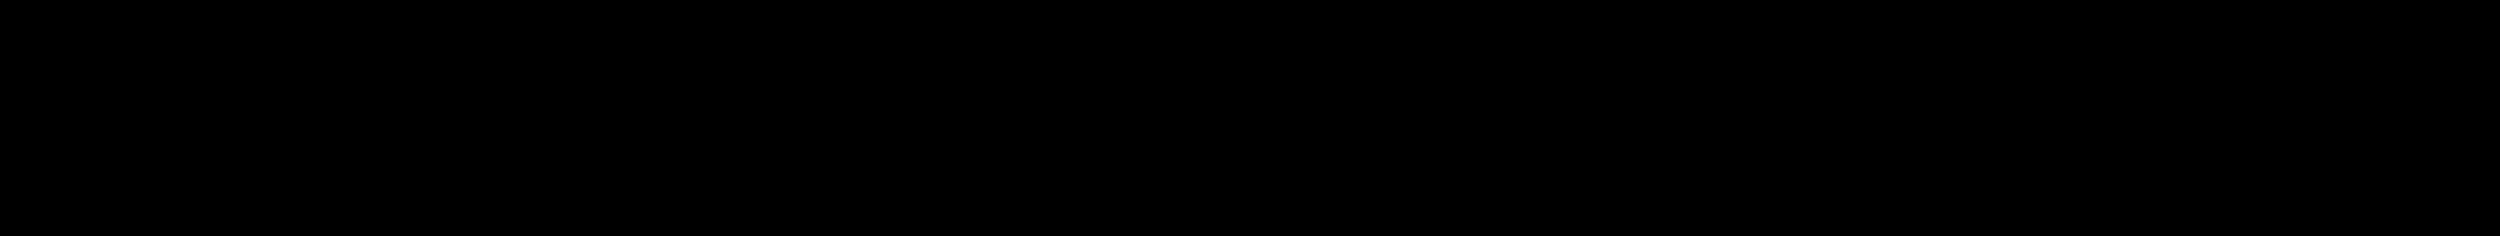 WJC_Logo_Initals_Black.png